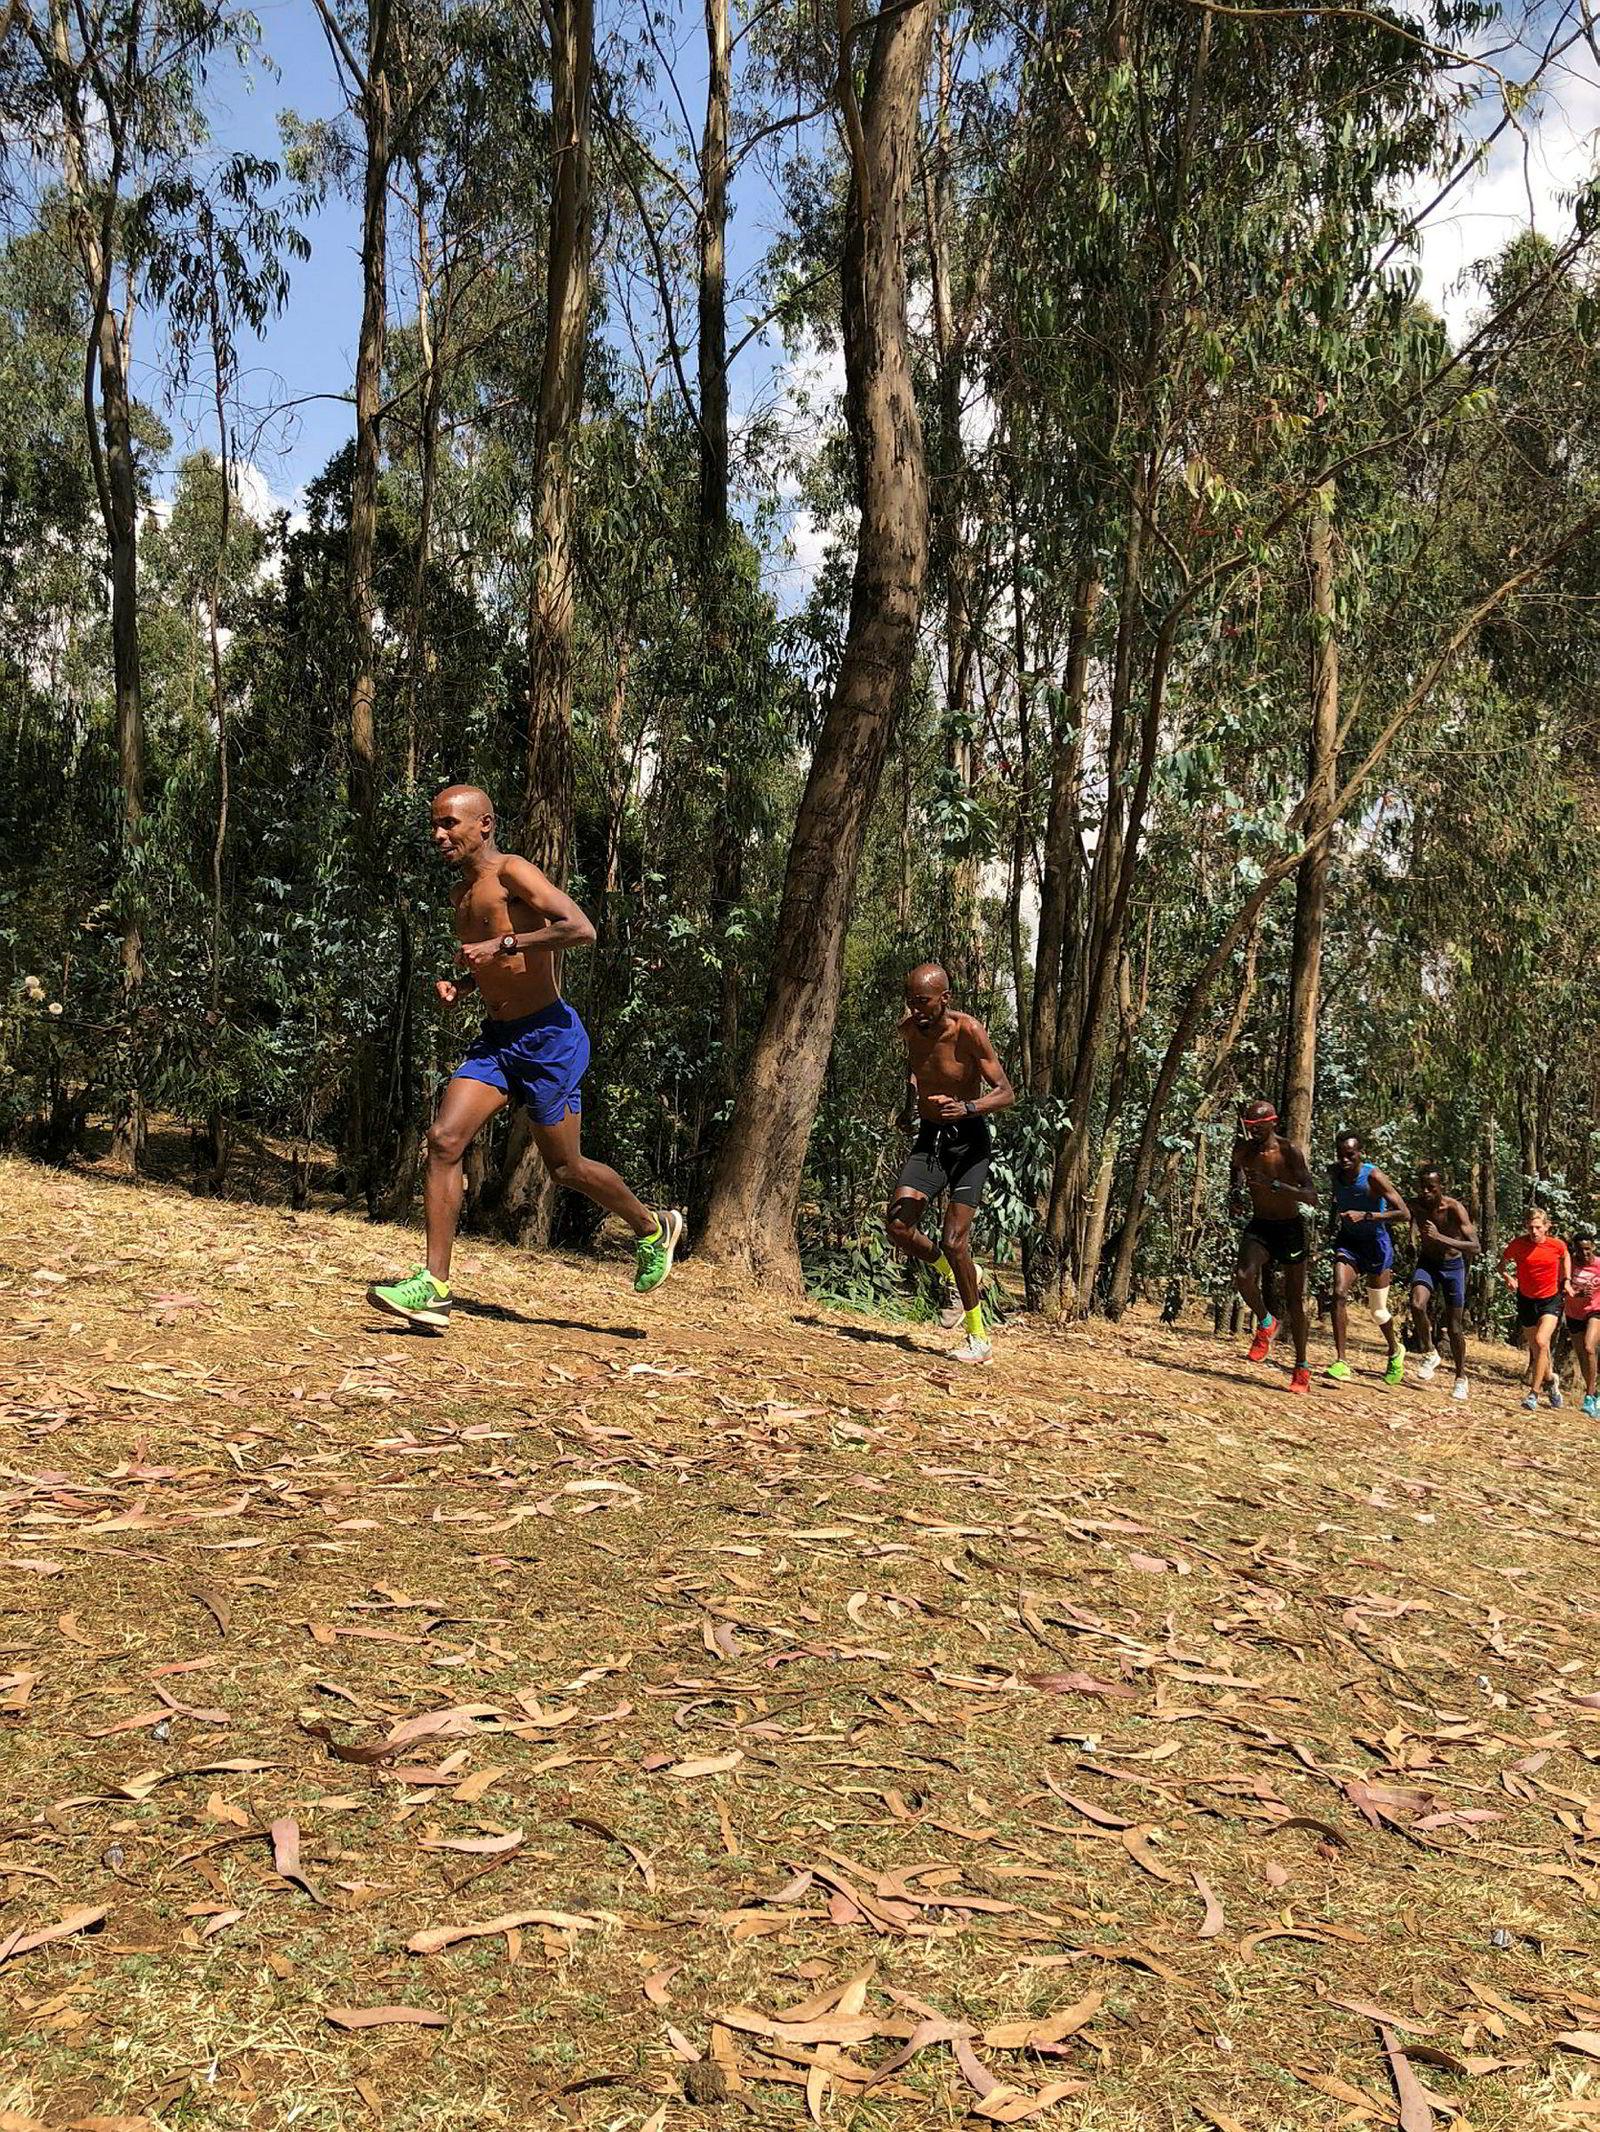 Smedsrød (rød t-skjorte) bet fra seg på bakkeøktene med Mudane Team, laget til den adlede briten Mo Farah, som kom fra Somalia som flyktning som åtteåring.